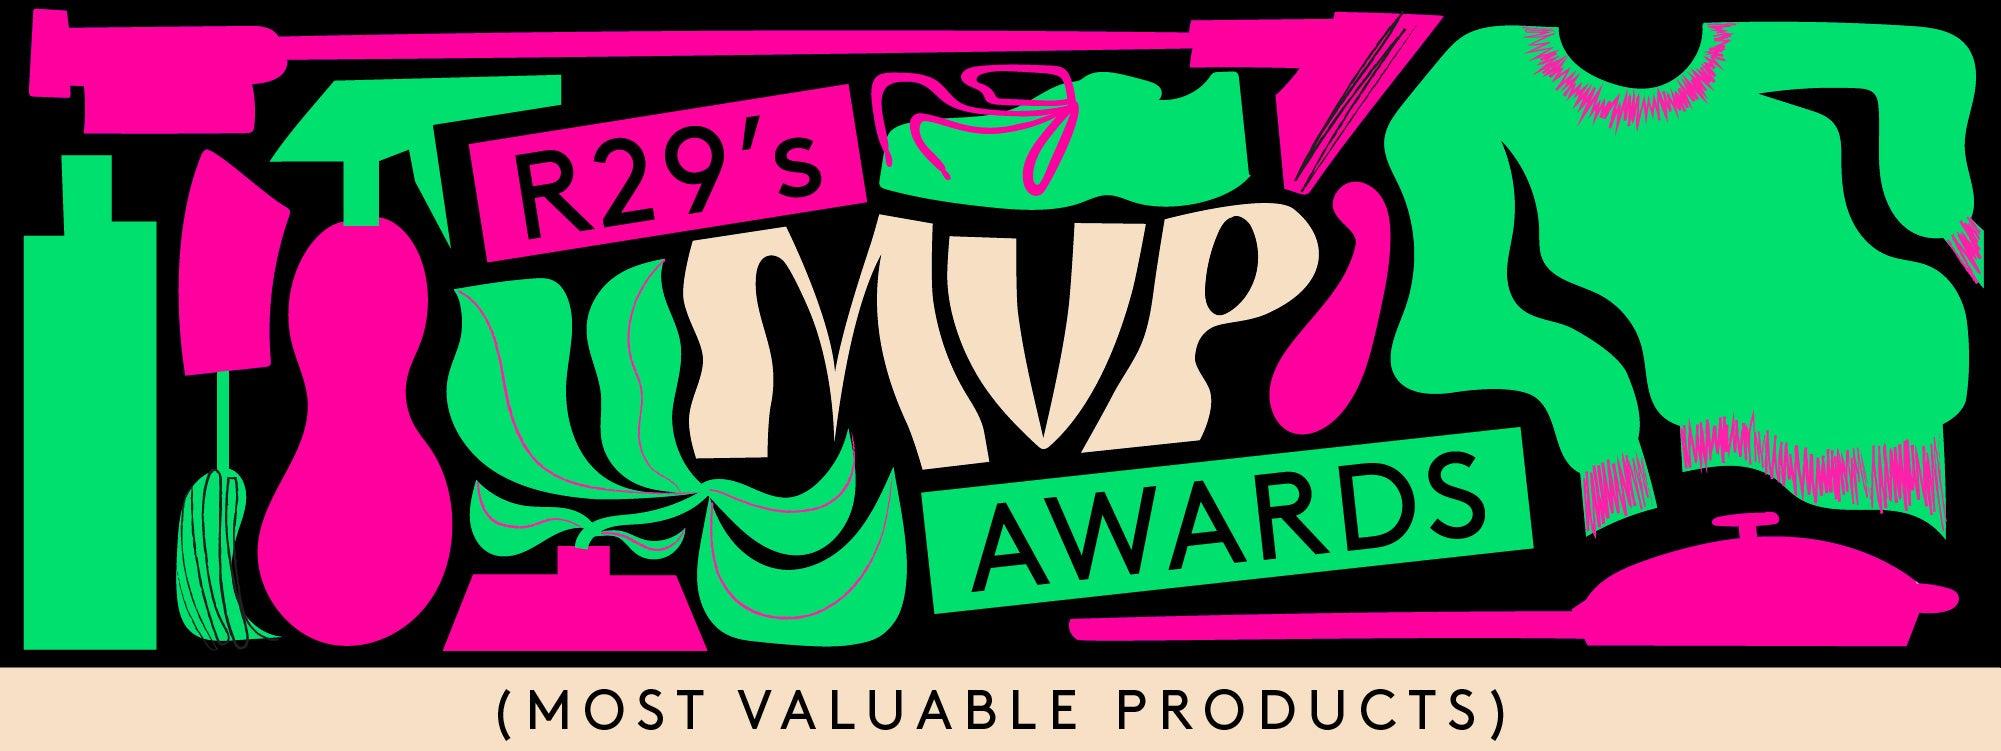 R29's MVP Awards.